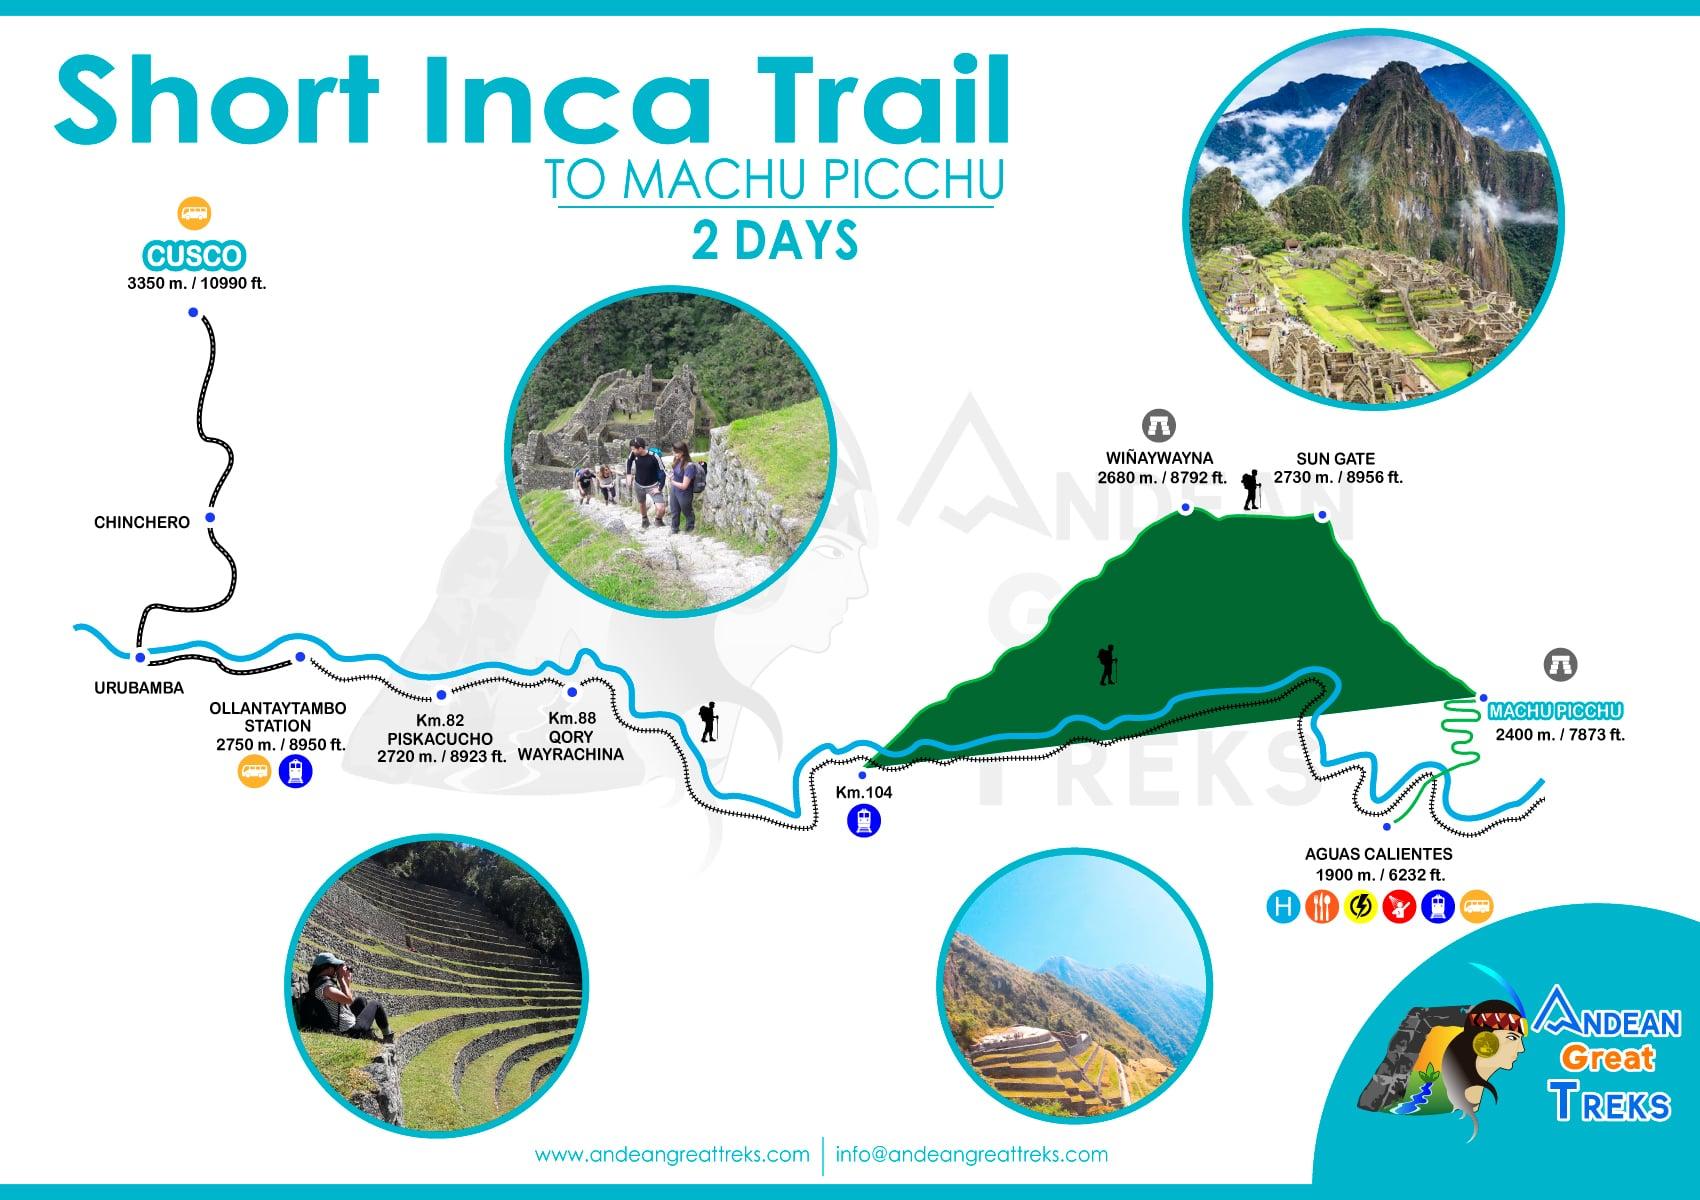 2 DAYS INCA TRAIL TREK TO MACHU PICCHU BY ECO PATH TREK